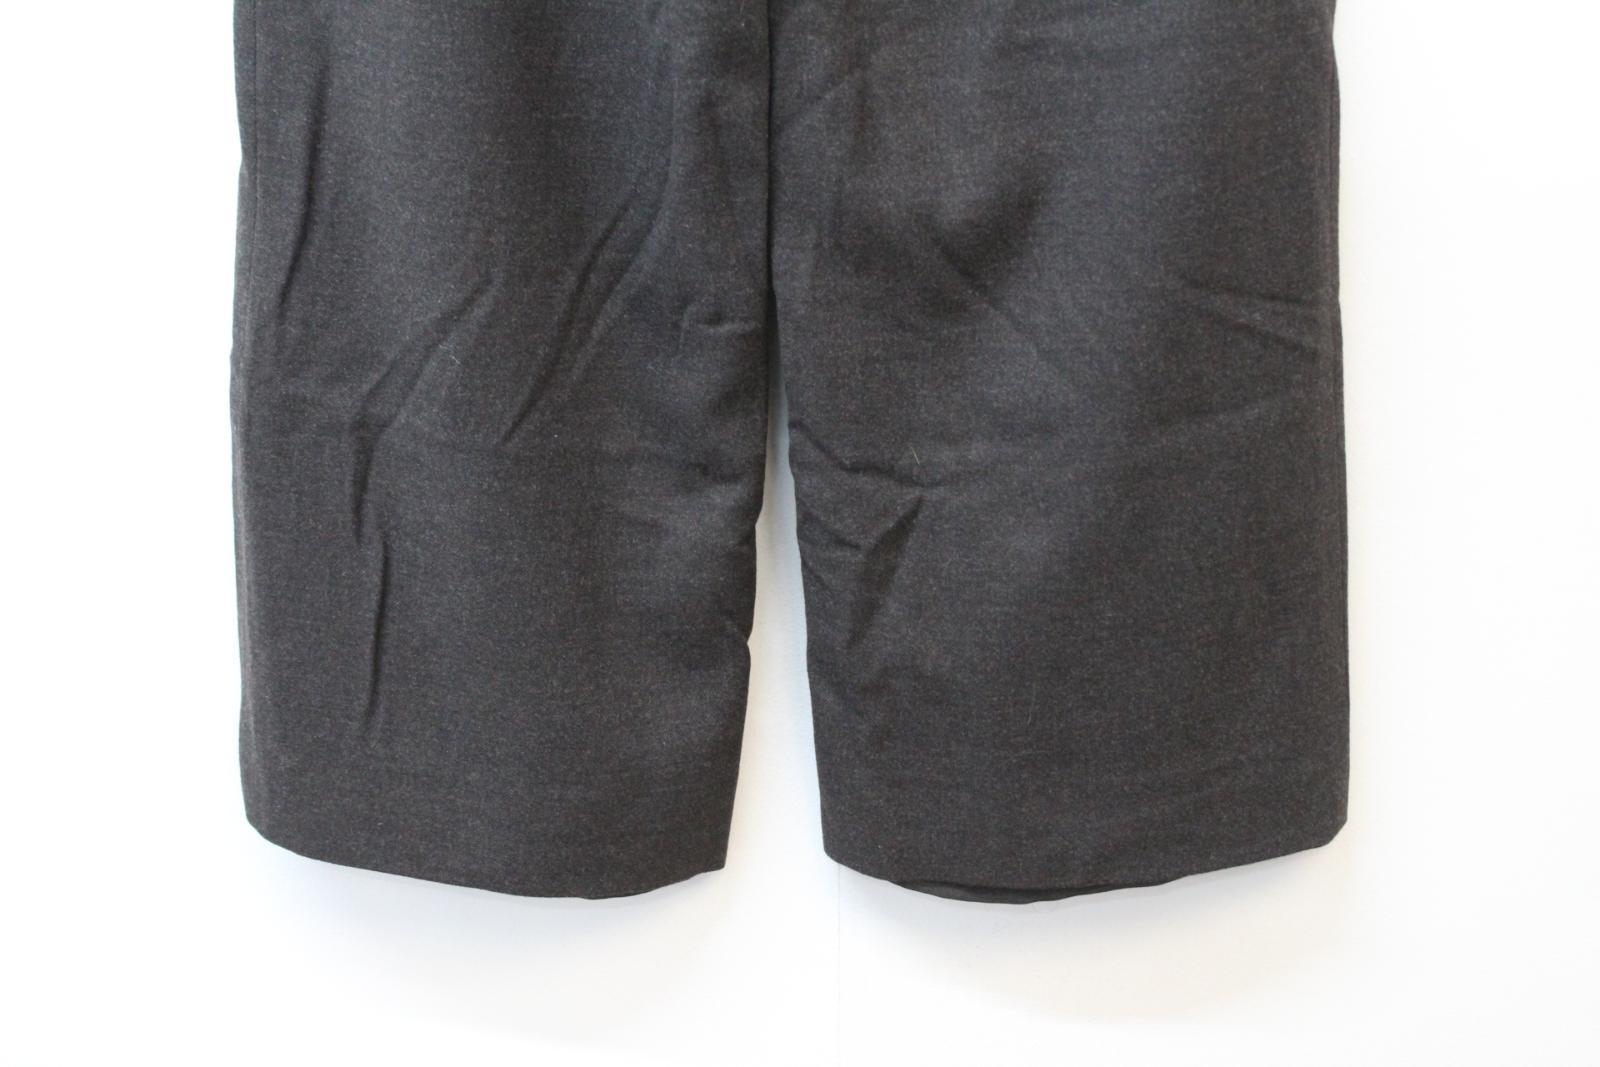 ARMANI Collezioni Donna Marronee Scuro Screziato Pantaloni Pantaloni Pantaloni su misura US8 UK12 W26 L26 NUOVO CON ETICHETTA 5bef99